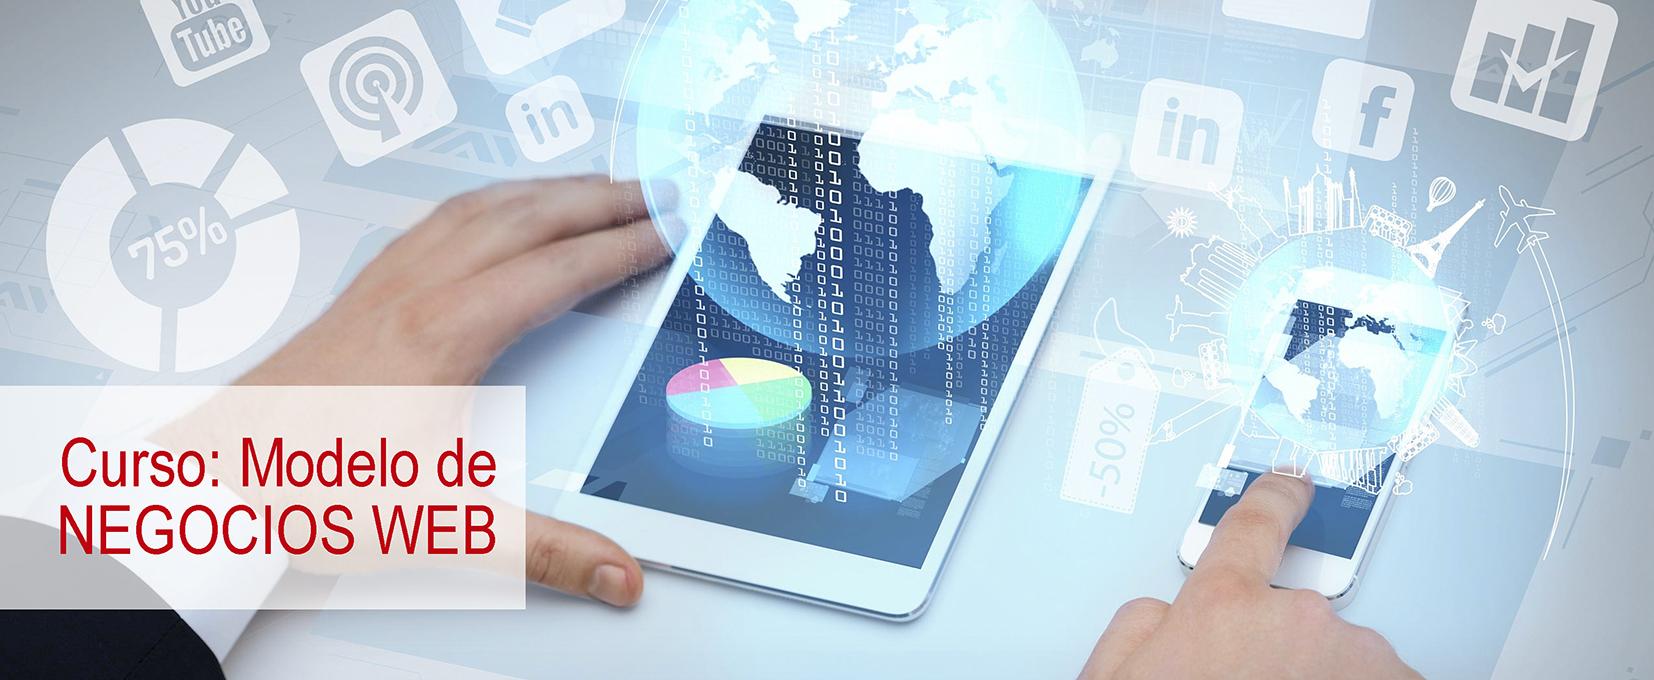 Paginas-web-Curso- negocios-web